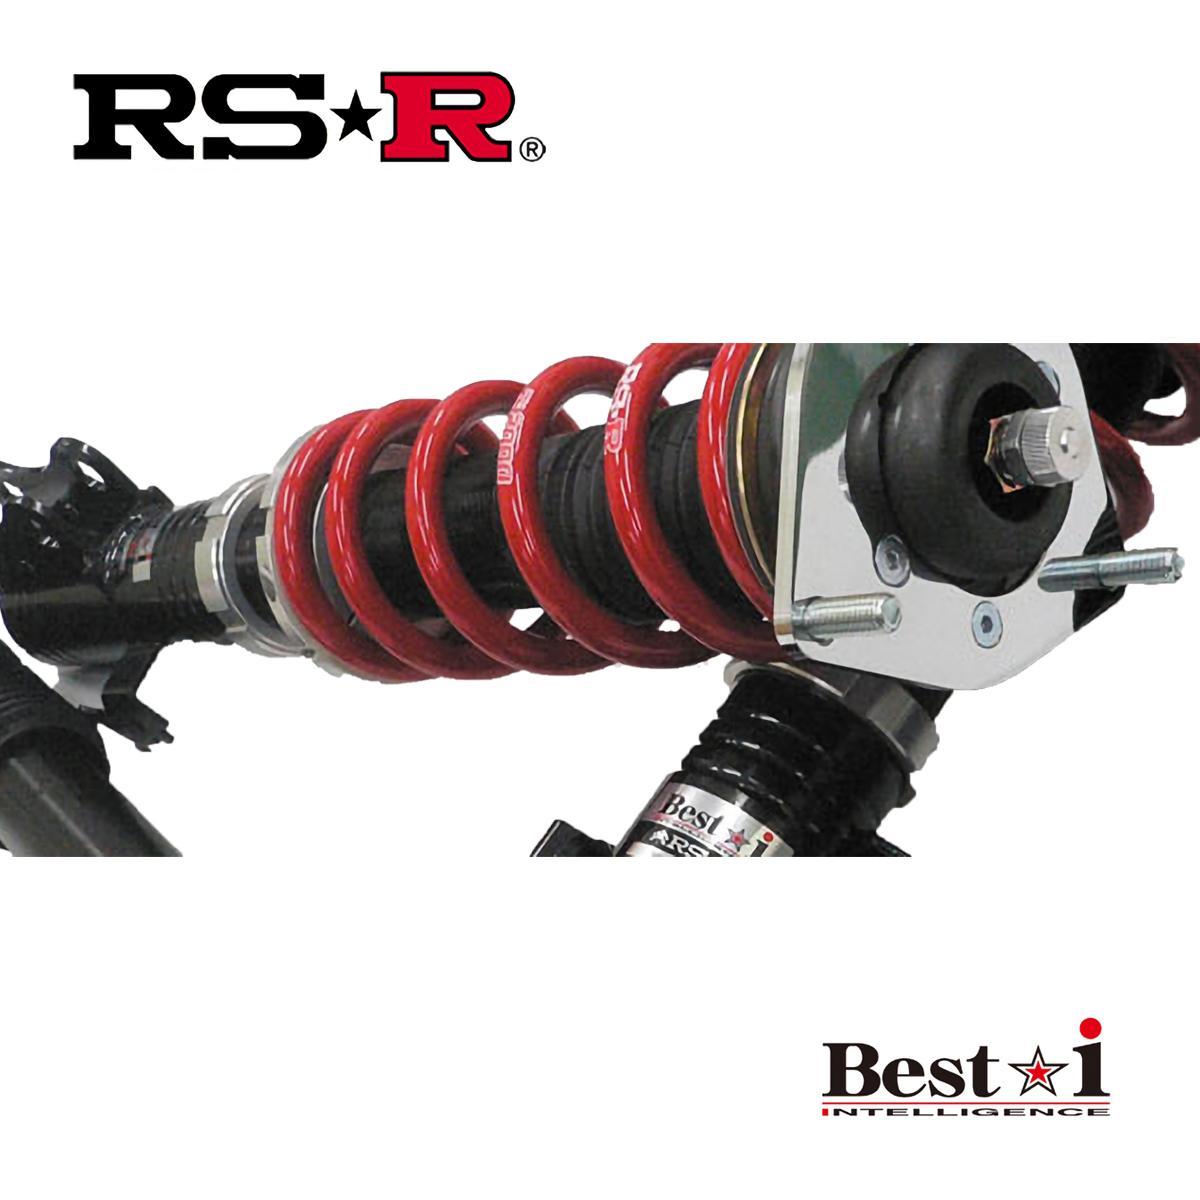 RS-R シビック ハッチバックホンダセンシング FK7 車高調 リア車高調整:ネジ式 BIH063M ベストi RSR 条件付き送料無料